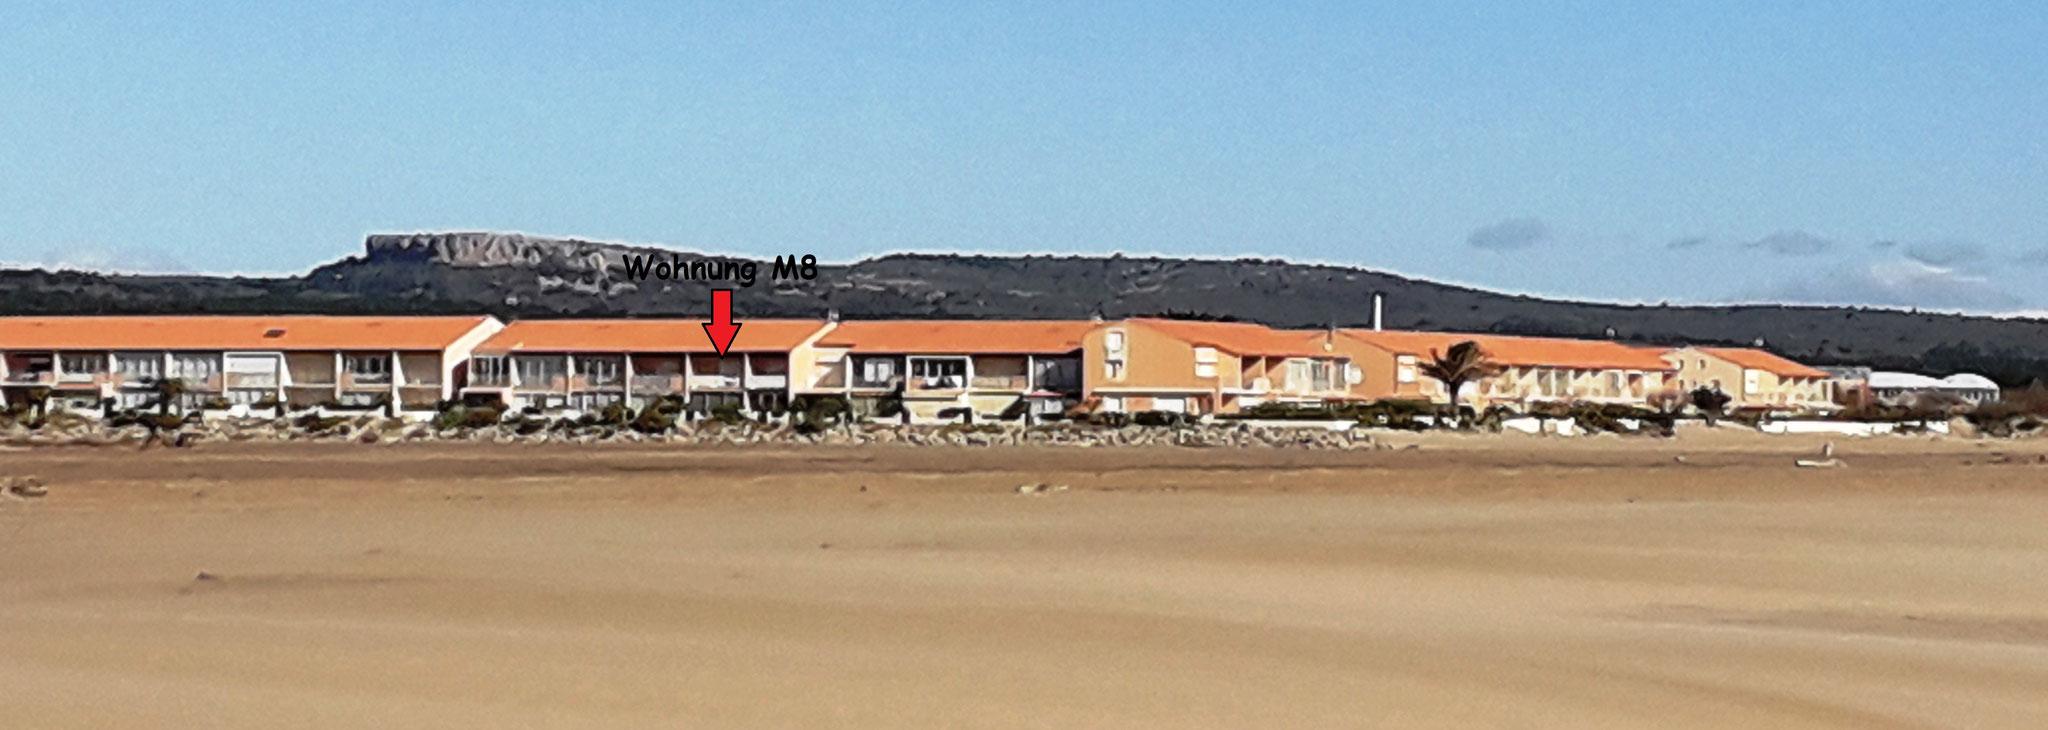 Lage der Wohnung M8 am Strand